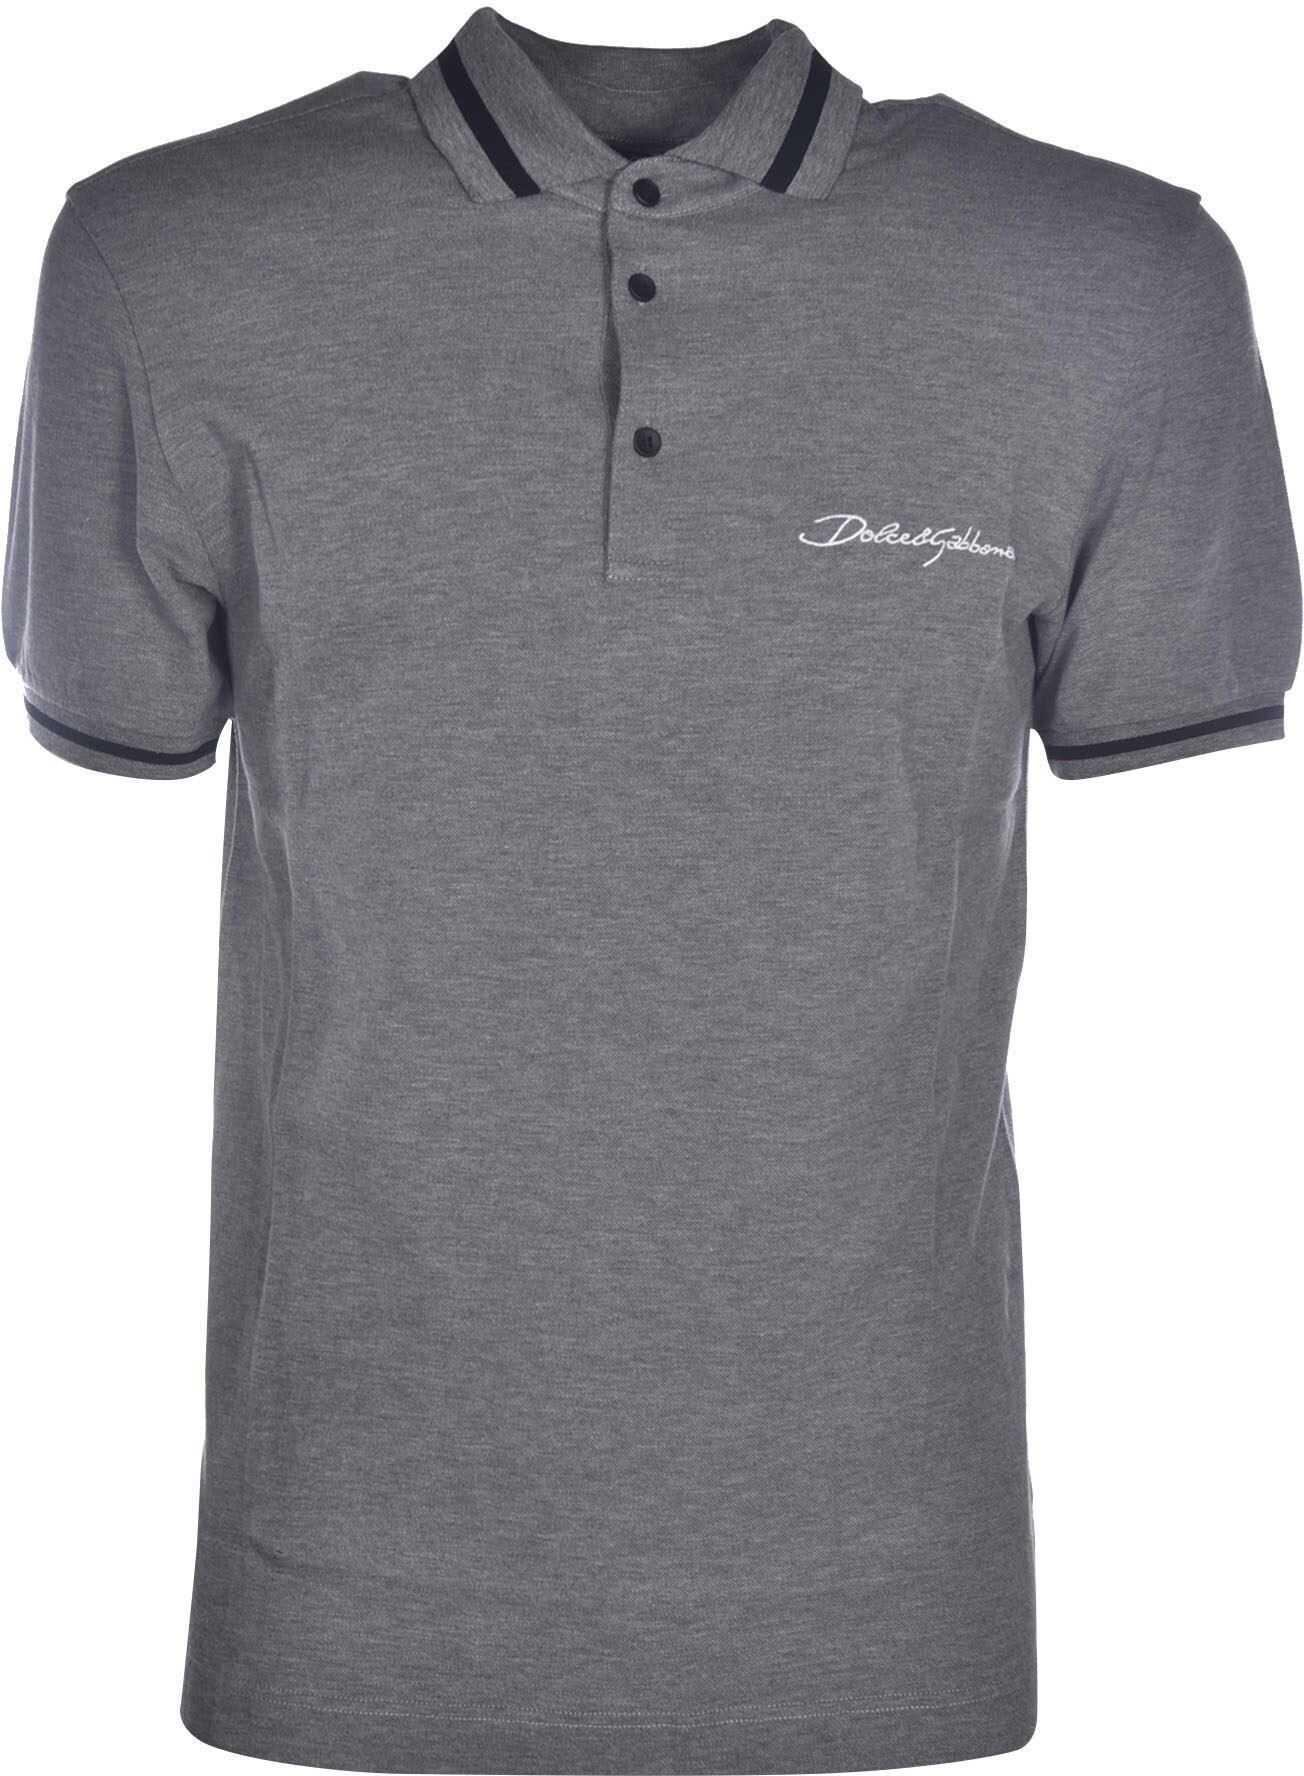 Dolce & Gabbana Embroidered Logo Polo Shirt In Grey Grey imagine